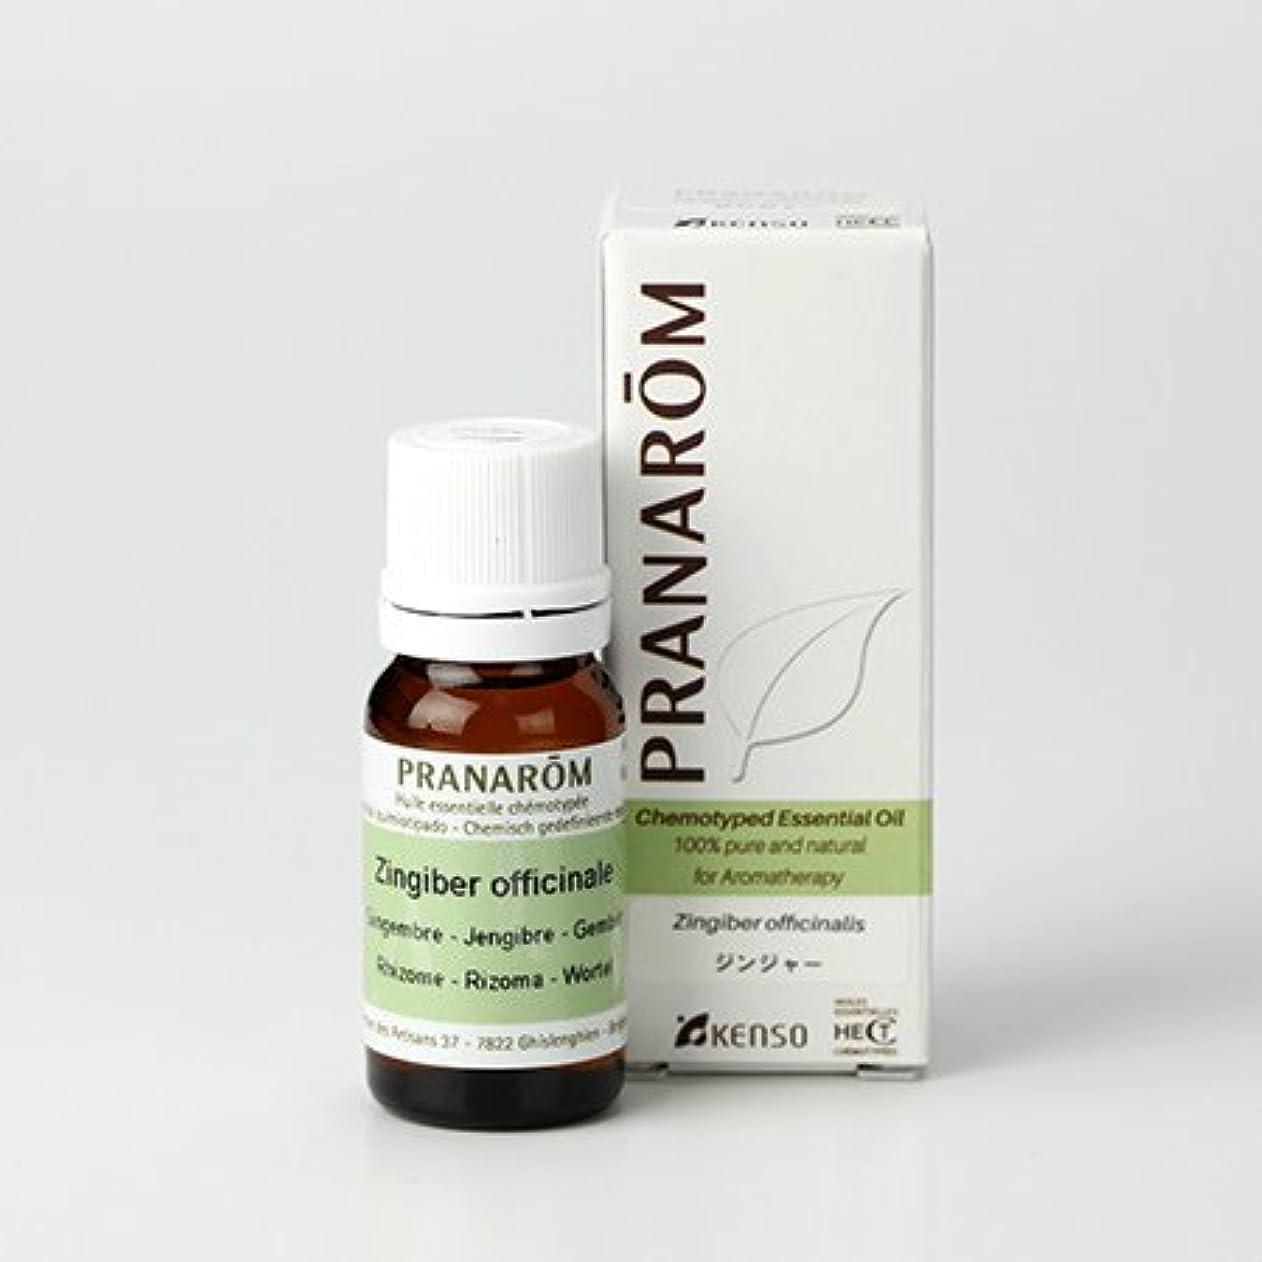 流用するシンポジウム束ねるプラナロム ジンジャー 10ml (PRANAROM ケモタイプ精油)